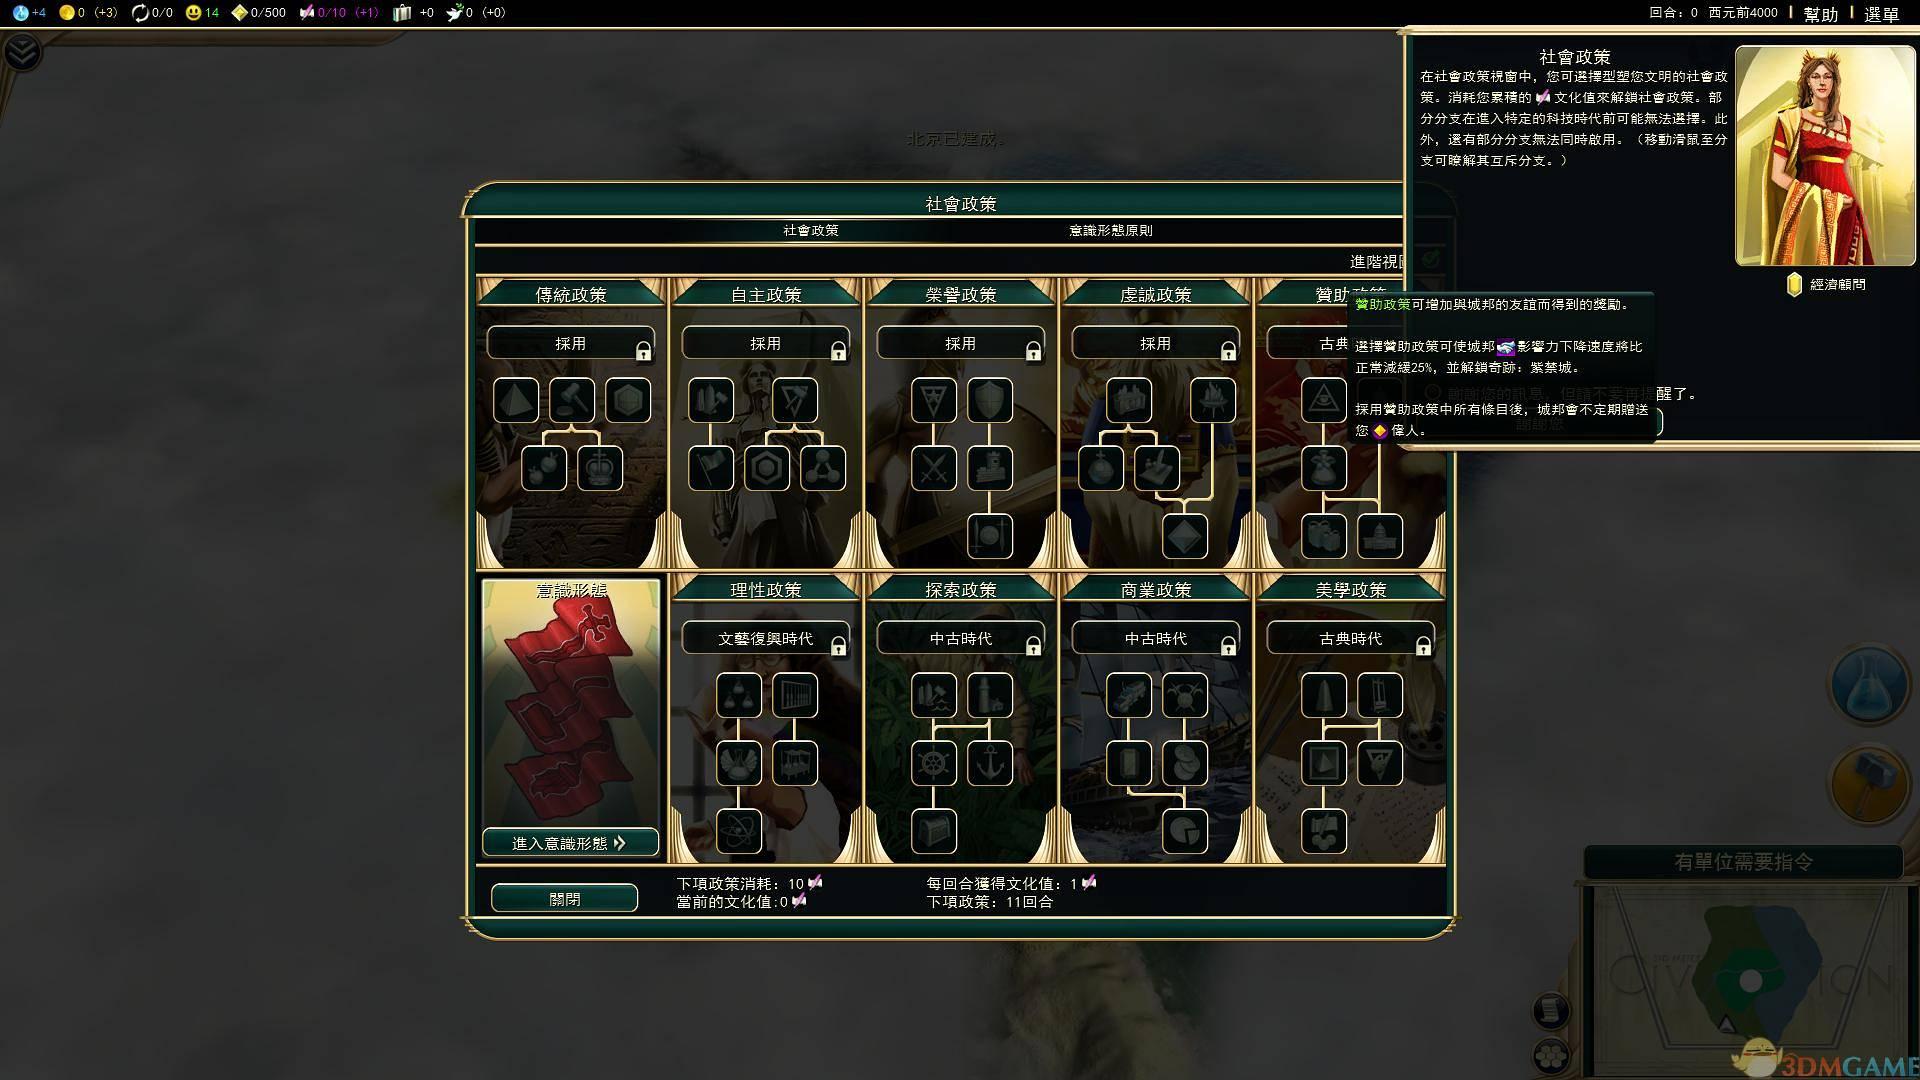 文明5:美丽新世界 v1.0.3.18升级档+破解补丁[3DM]